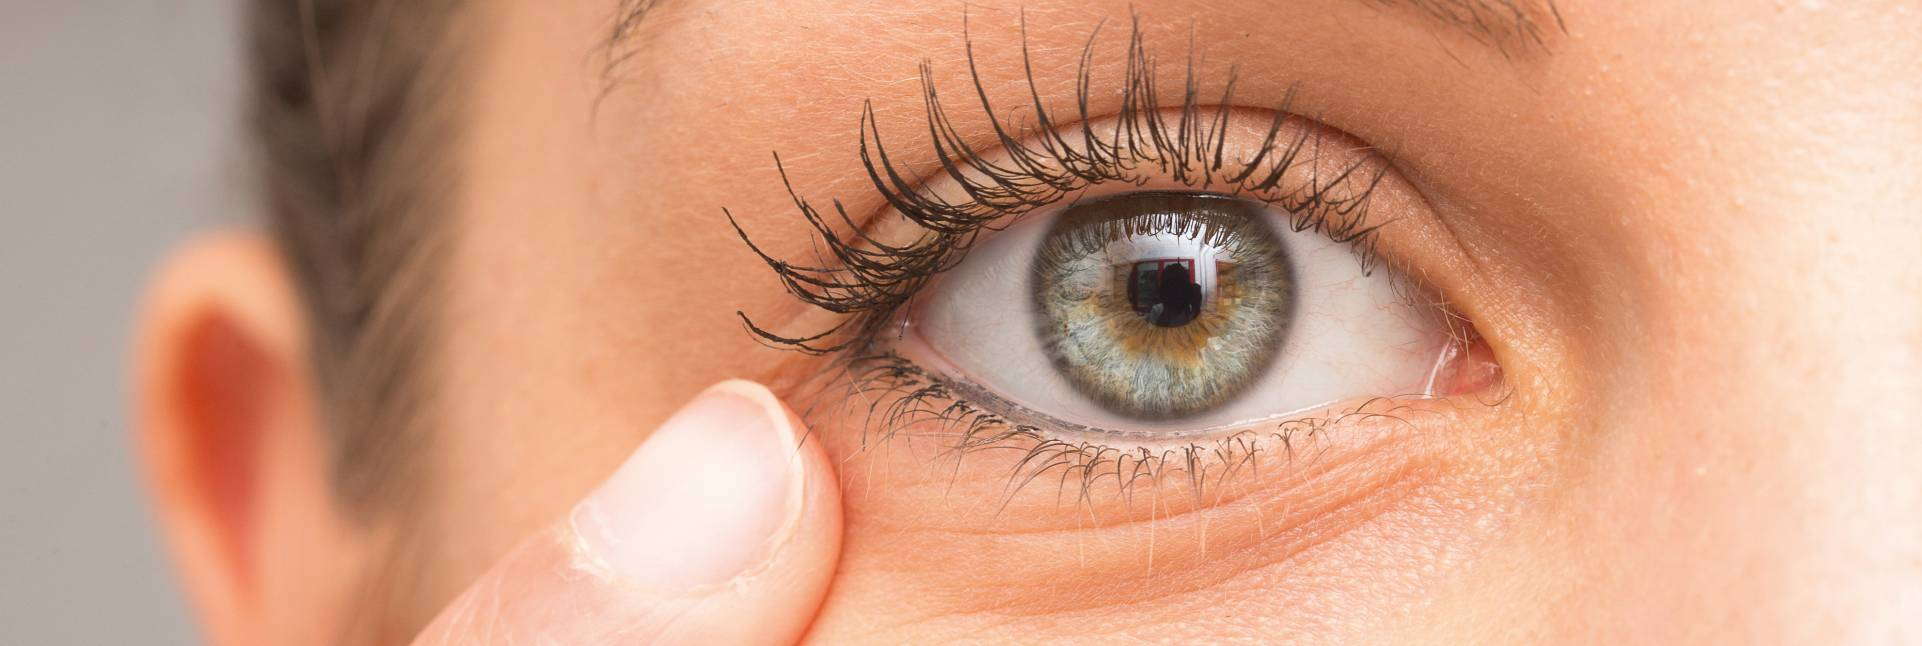 Cómo tratar el ojo seco